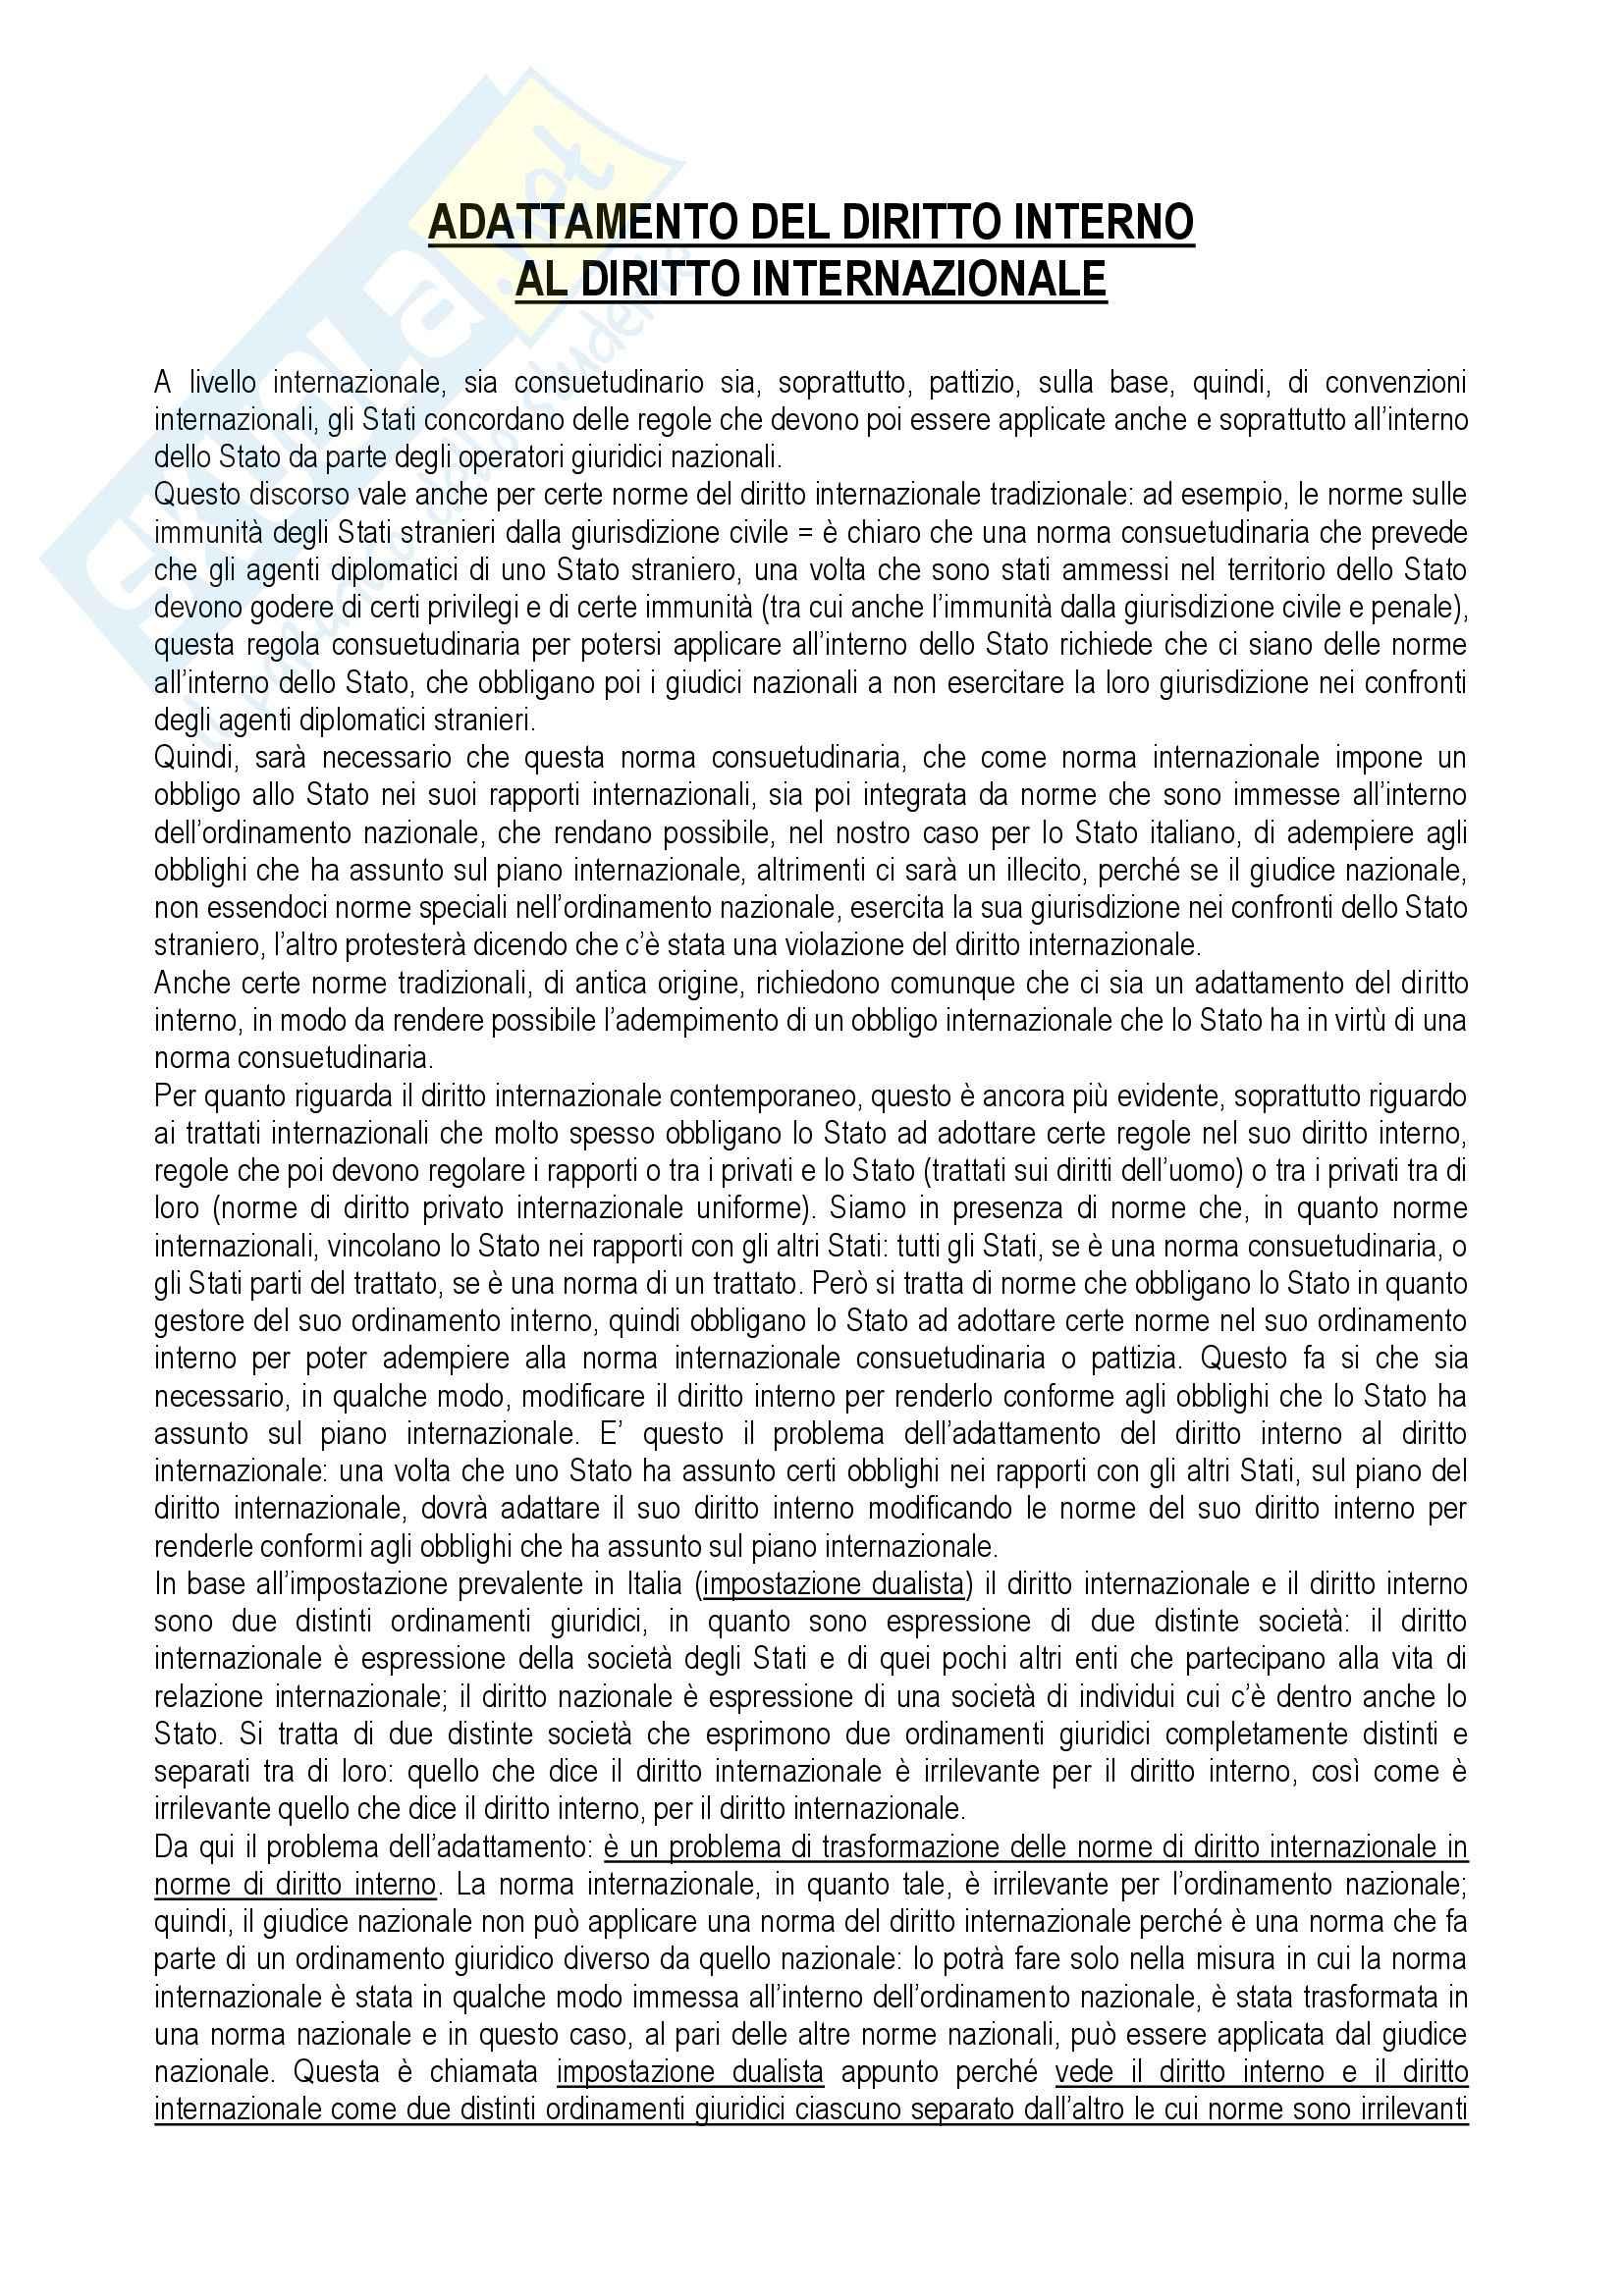 Diritto internazionale - adattamento del diritto interno al diritto internazionale